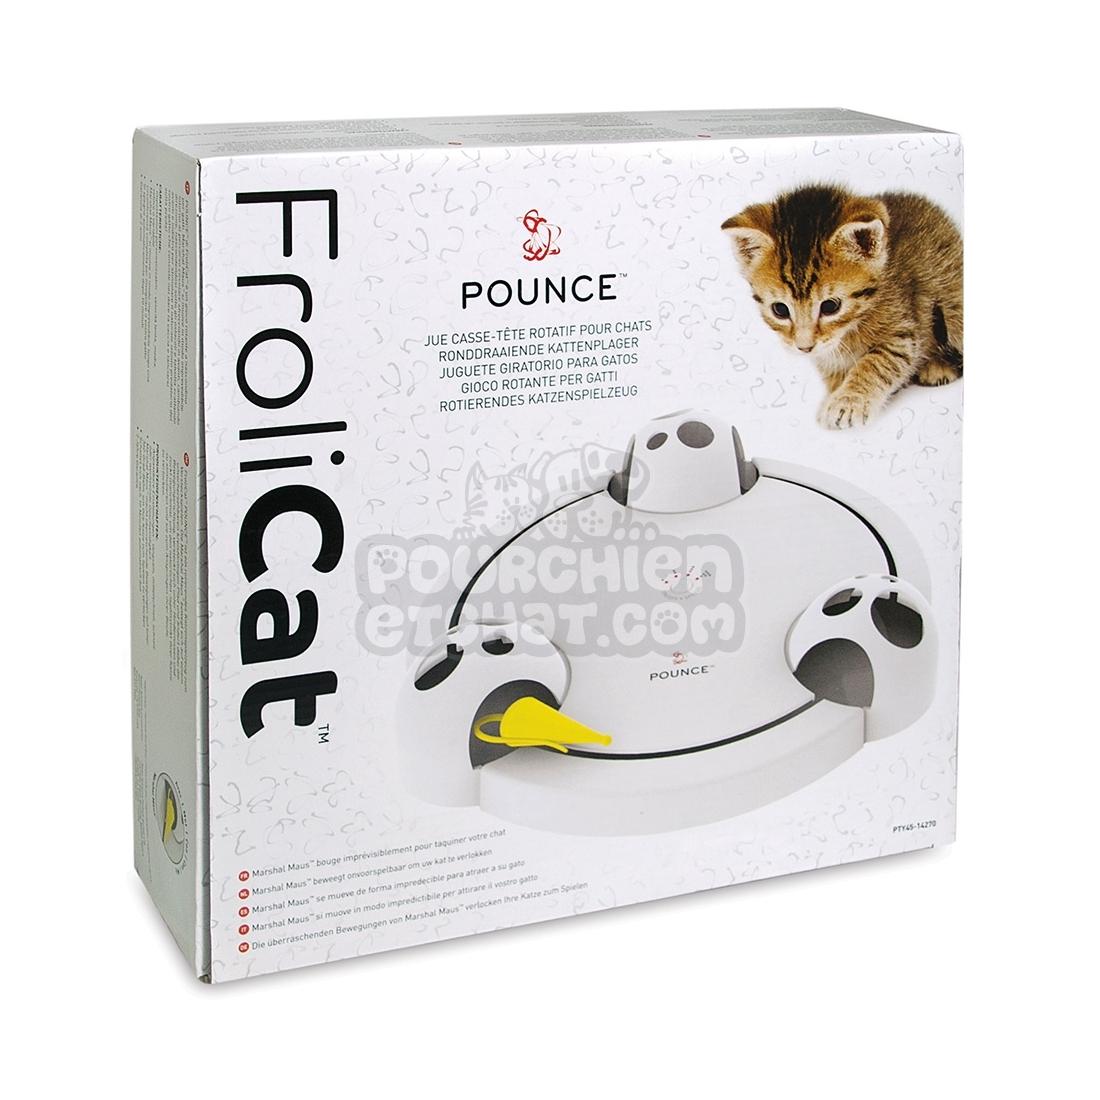 jouet pour chat frolicat pounce. Black Bedroom Furniture Sets. Home Design Ideas